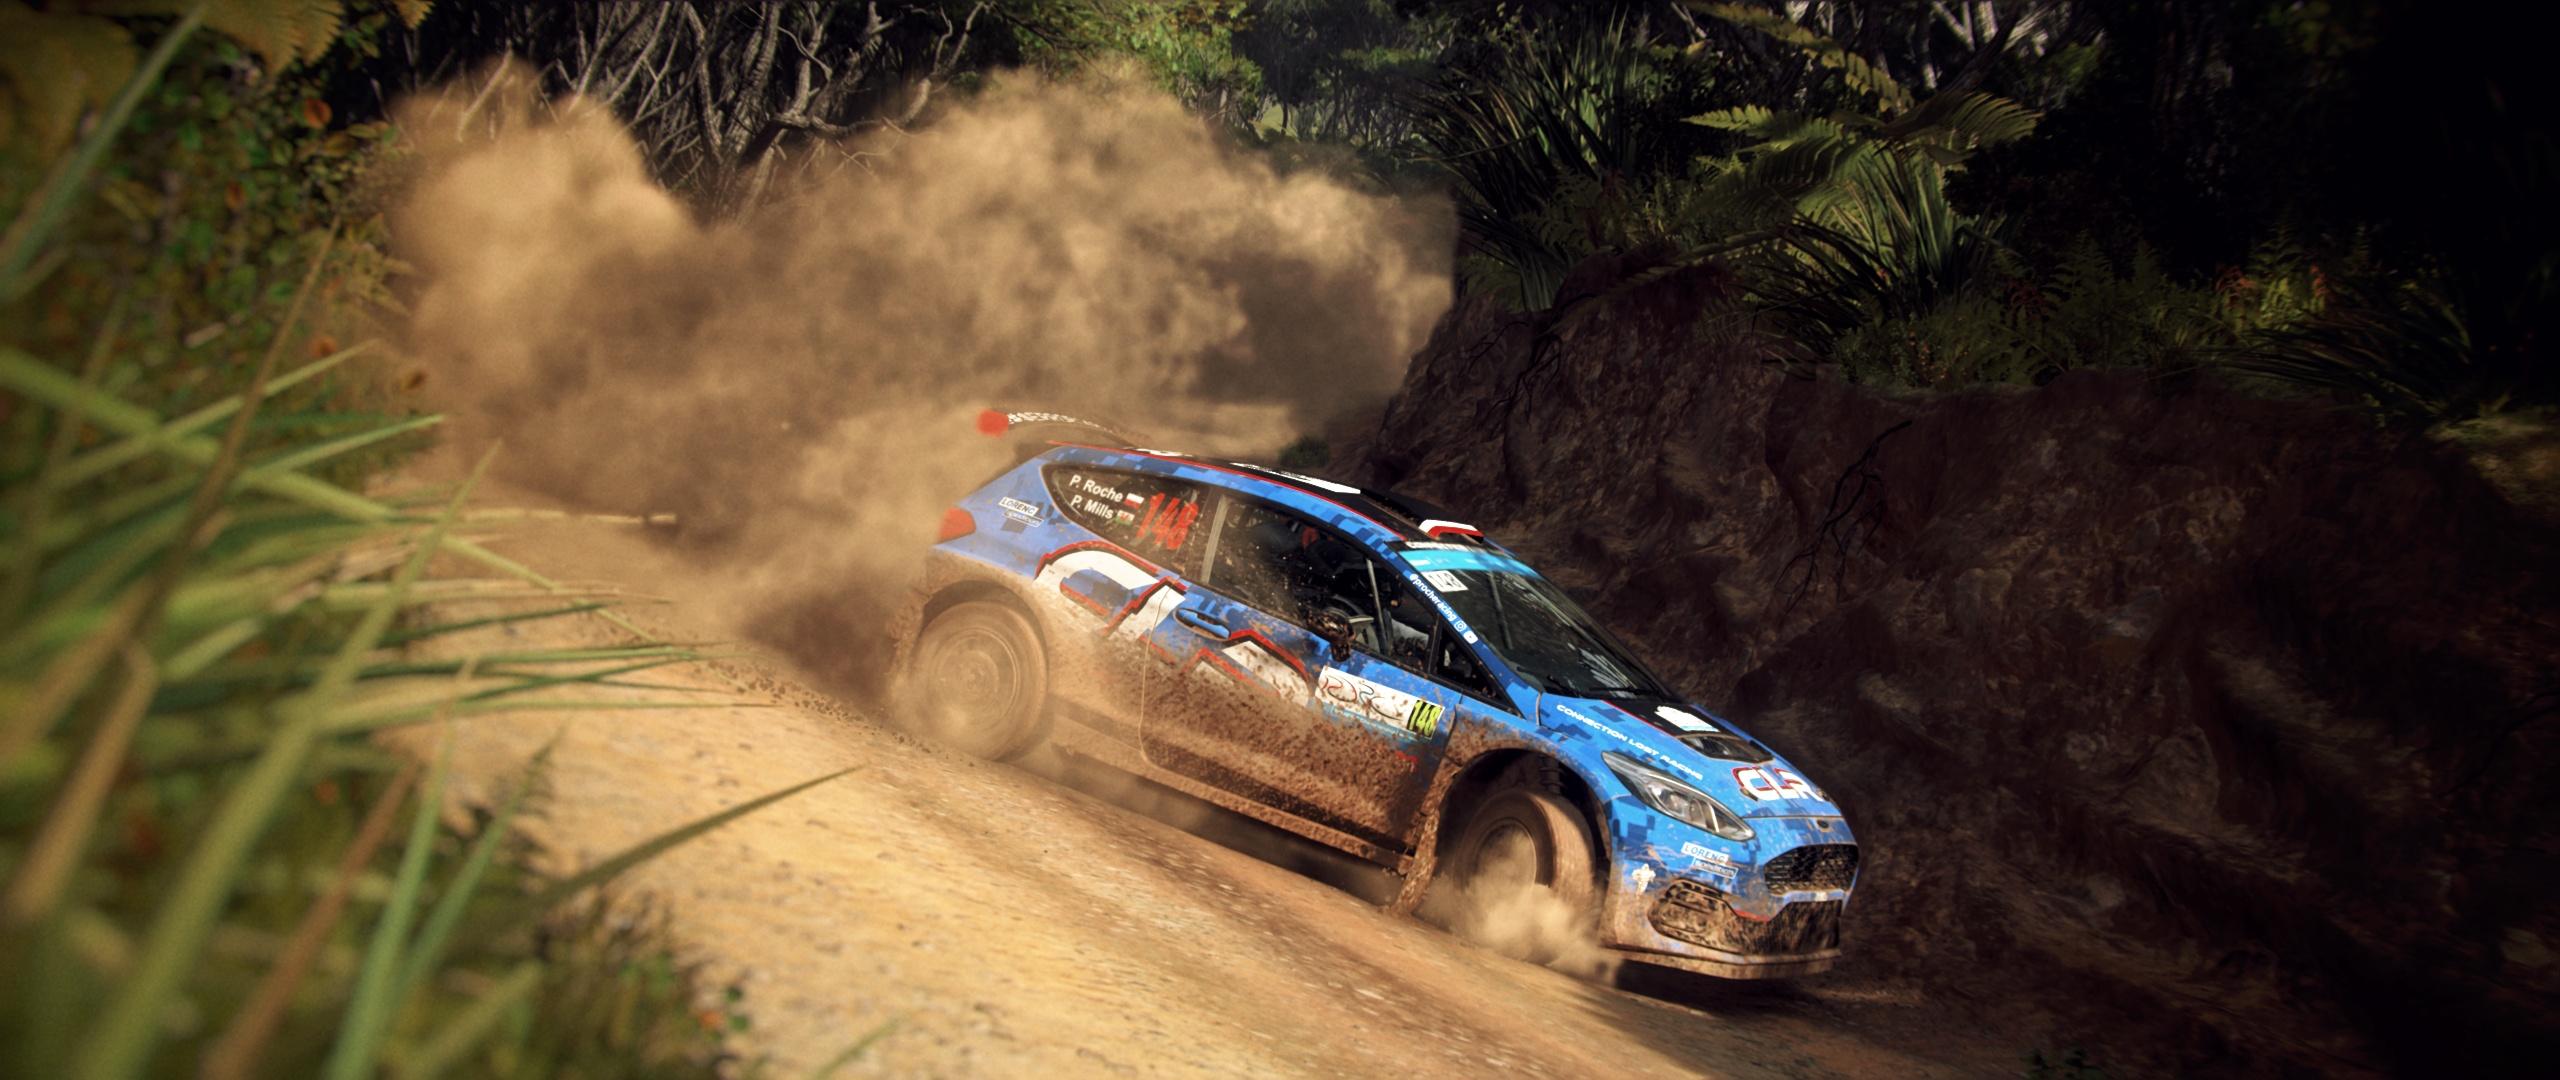 Dirt Rally 2 Screenshot 2021.04.17 - 13.21.49.25-01.jpeg